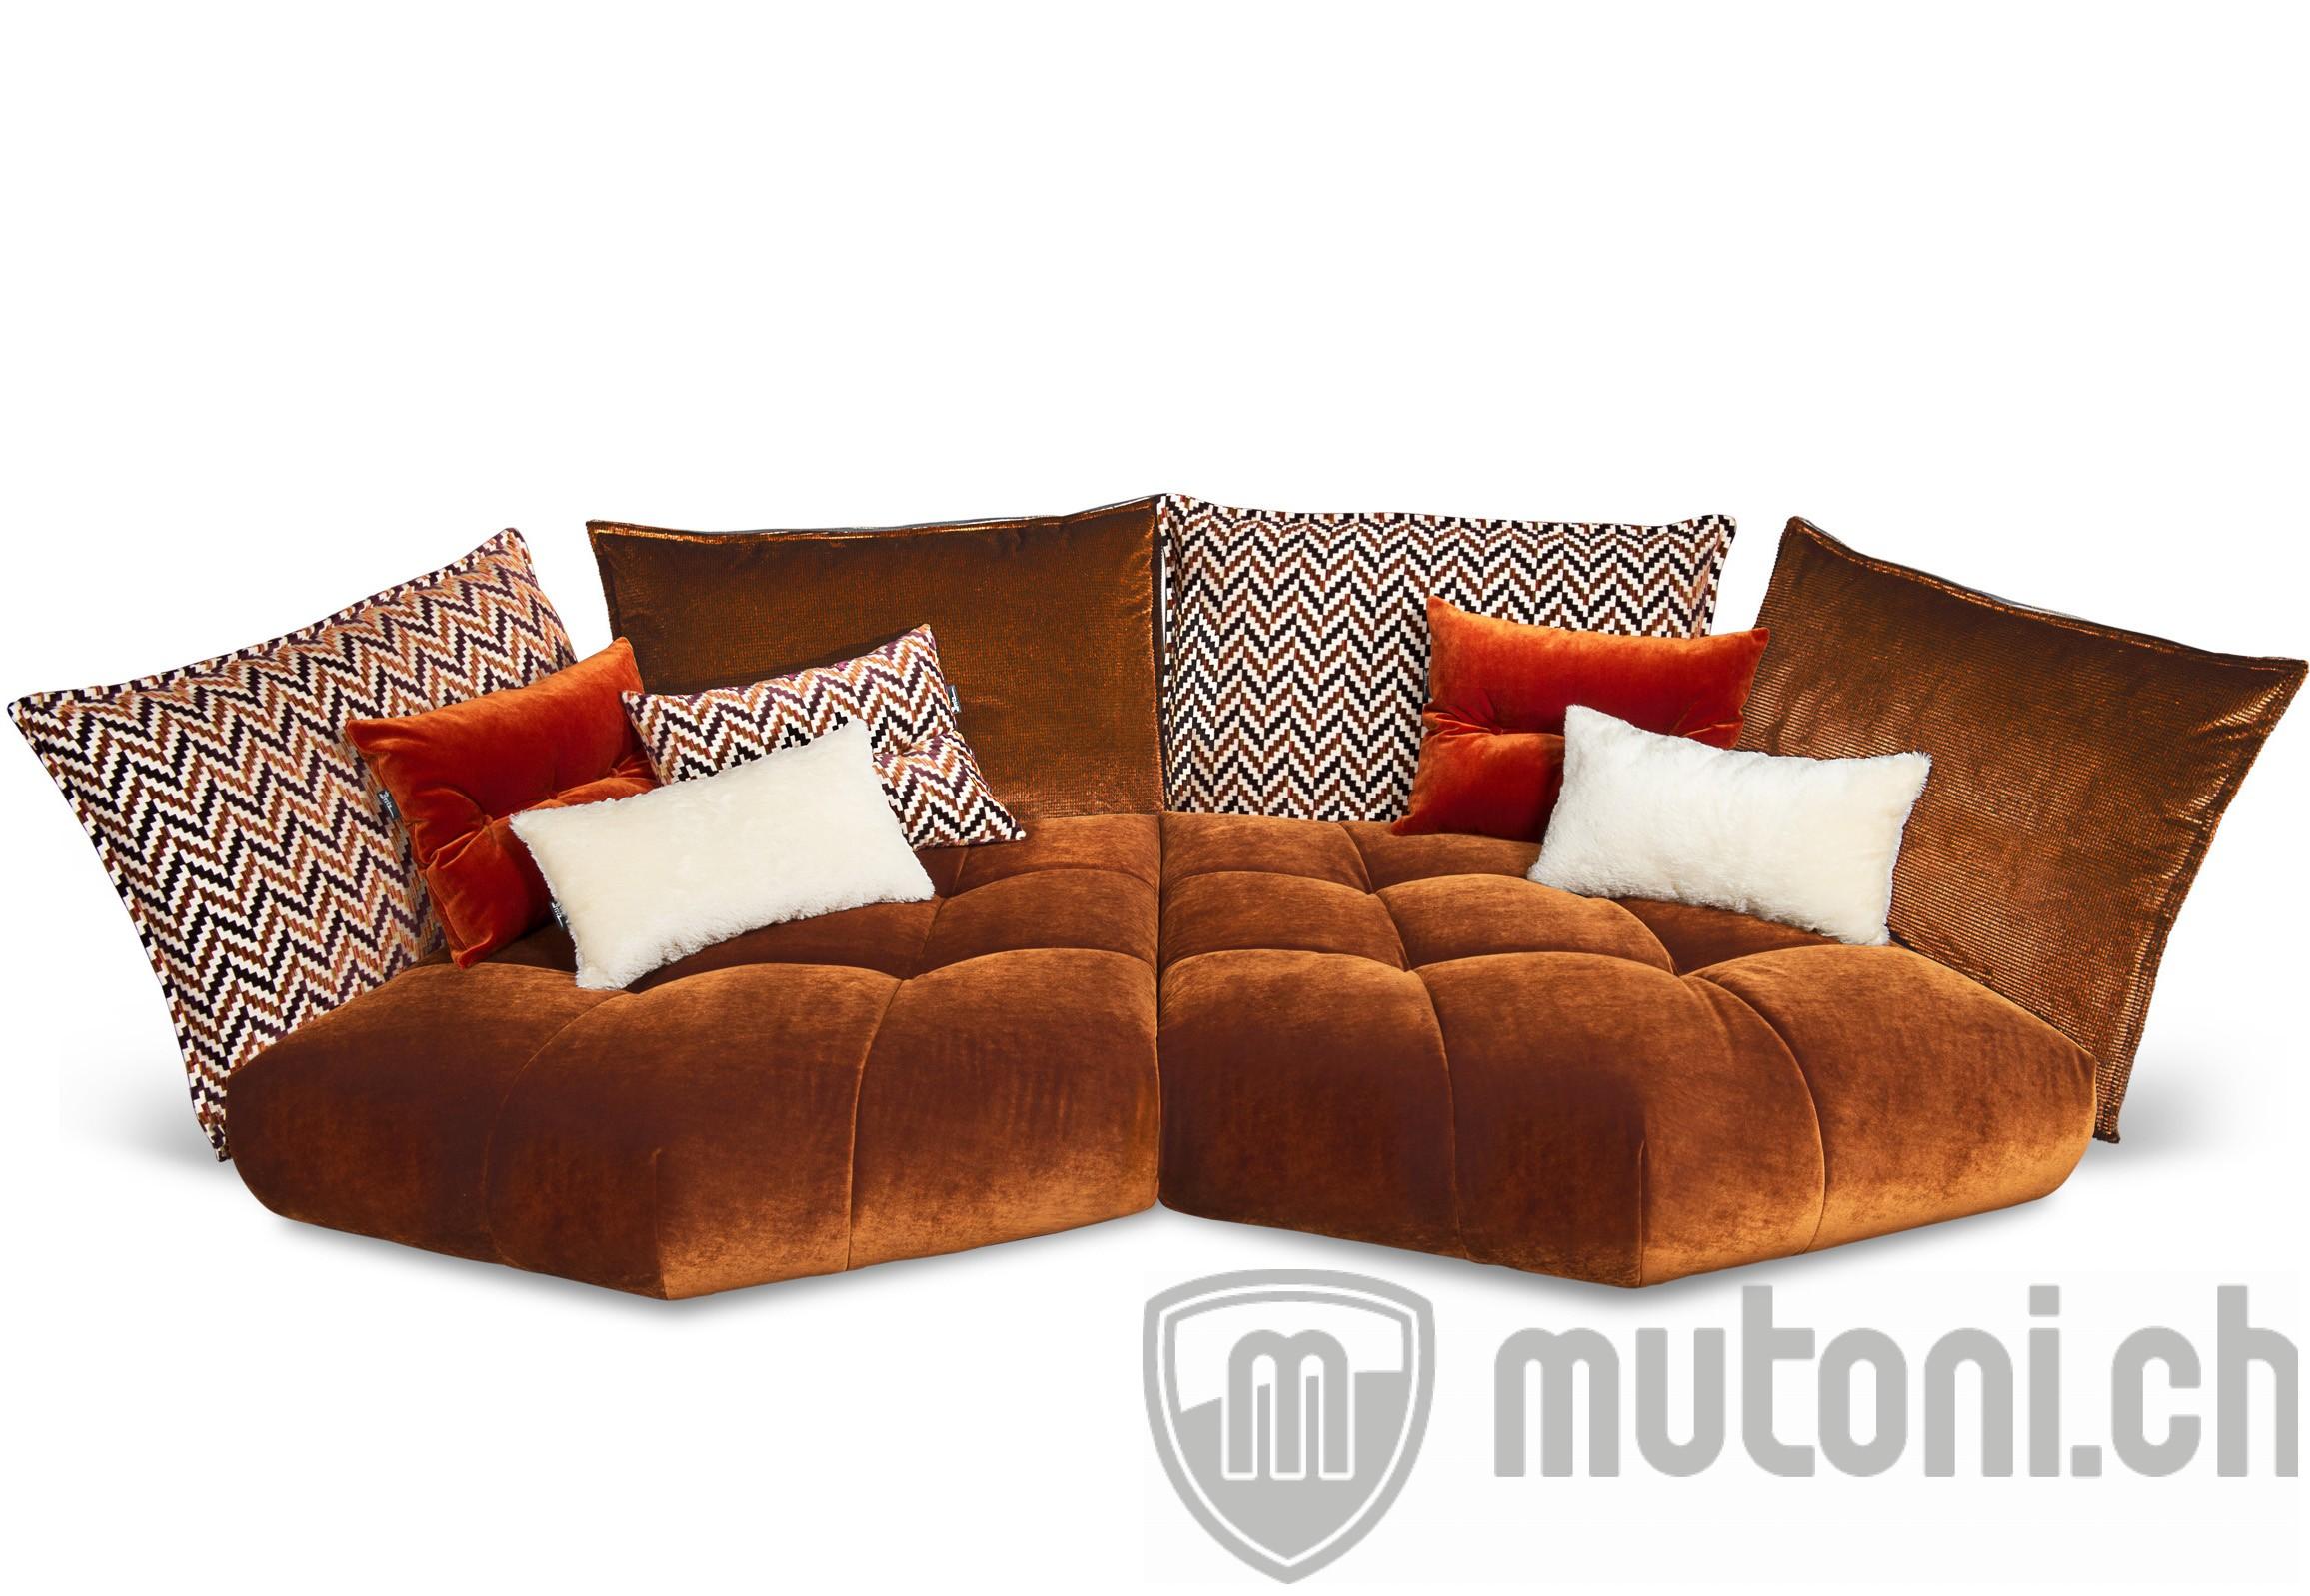 Sofa Matilda 363x166cm rehbraun